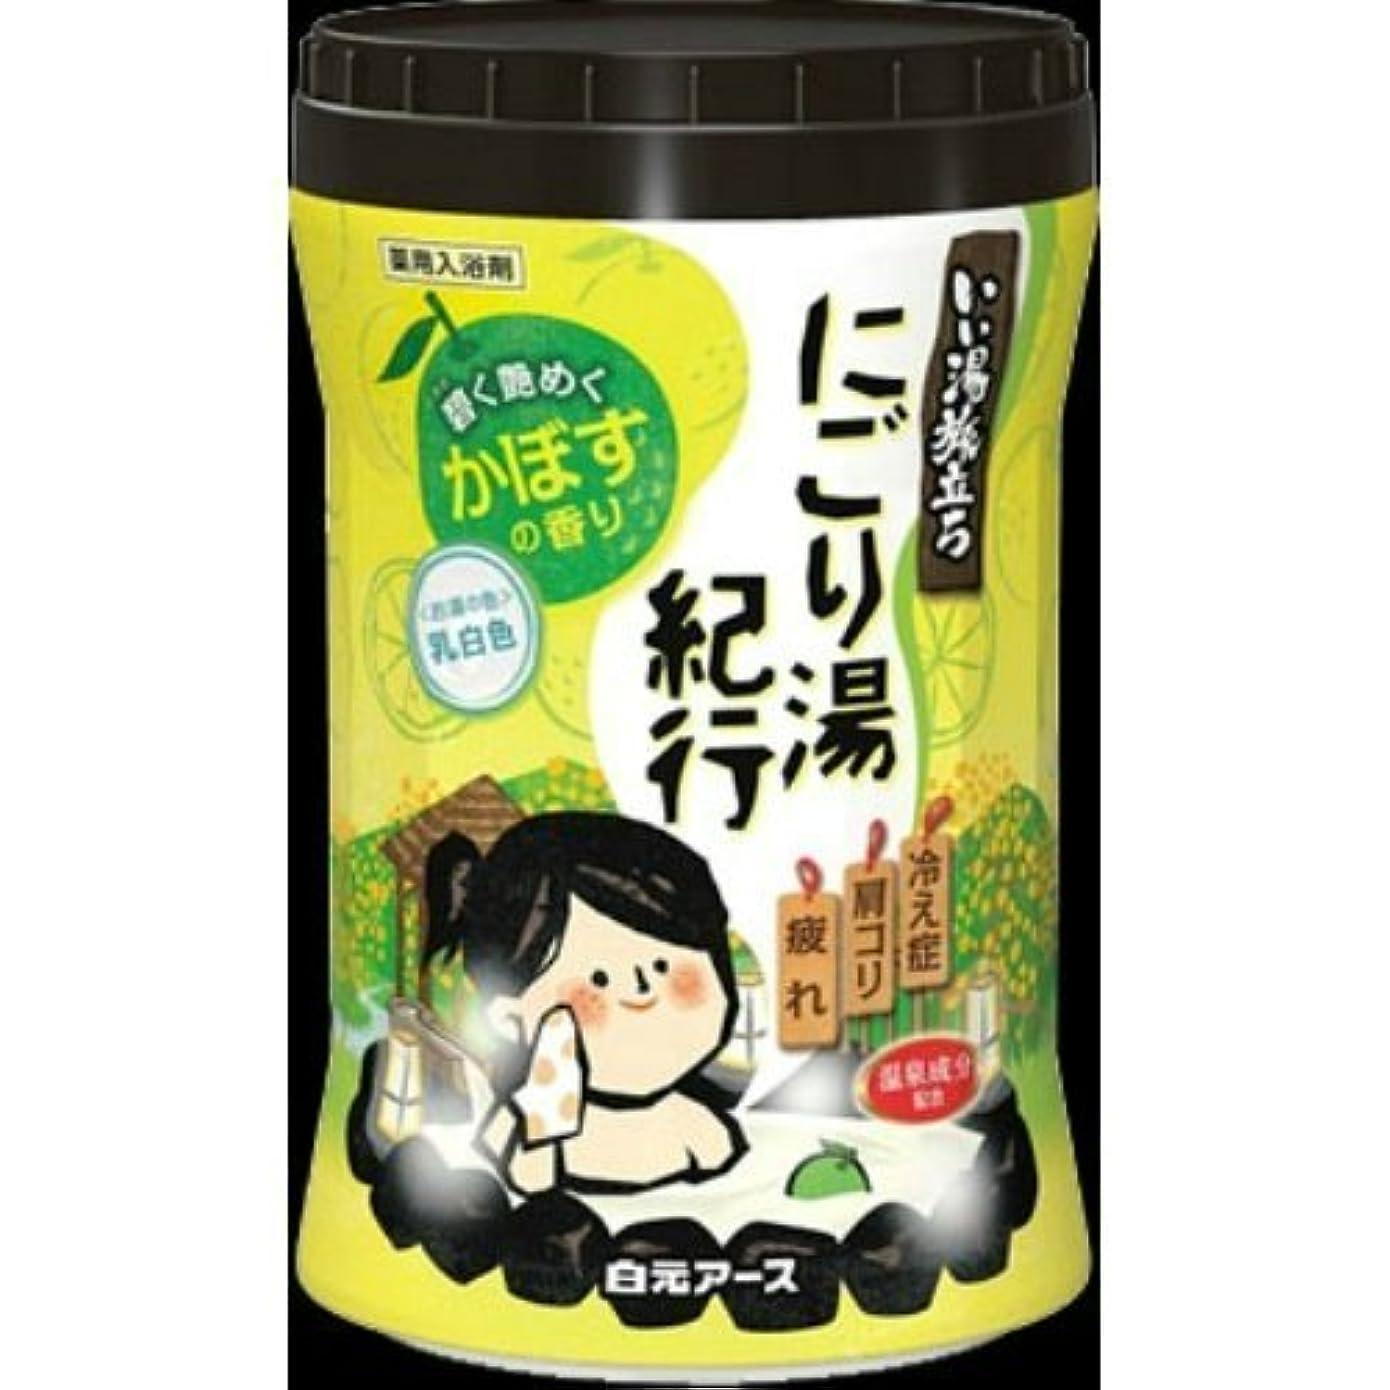 樹皮睡眠アトミックいい湯旅立ちボトル にごり湯紀行 かぼすの香り600g × 15個セット